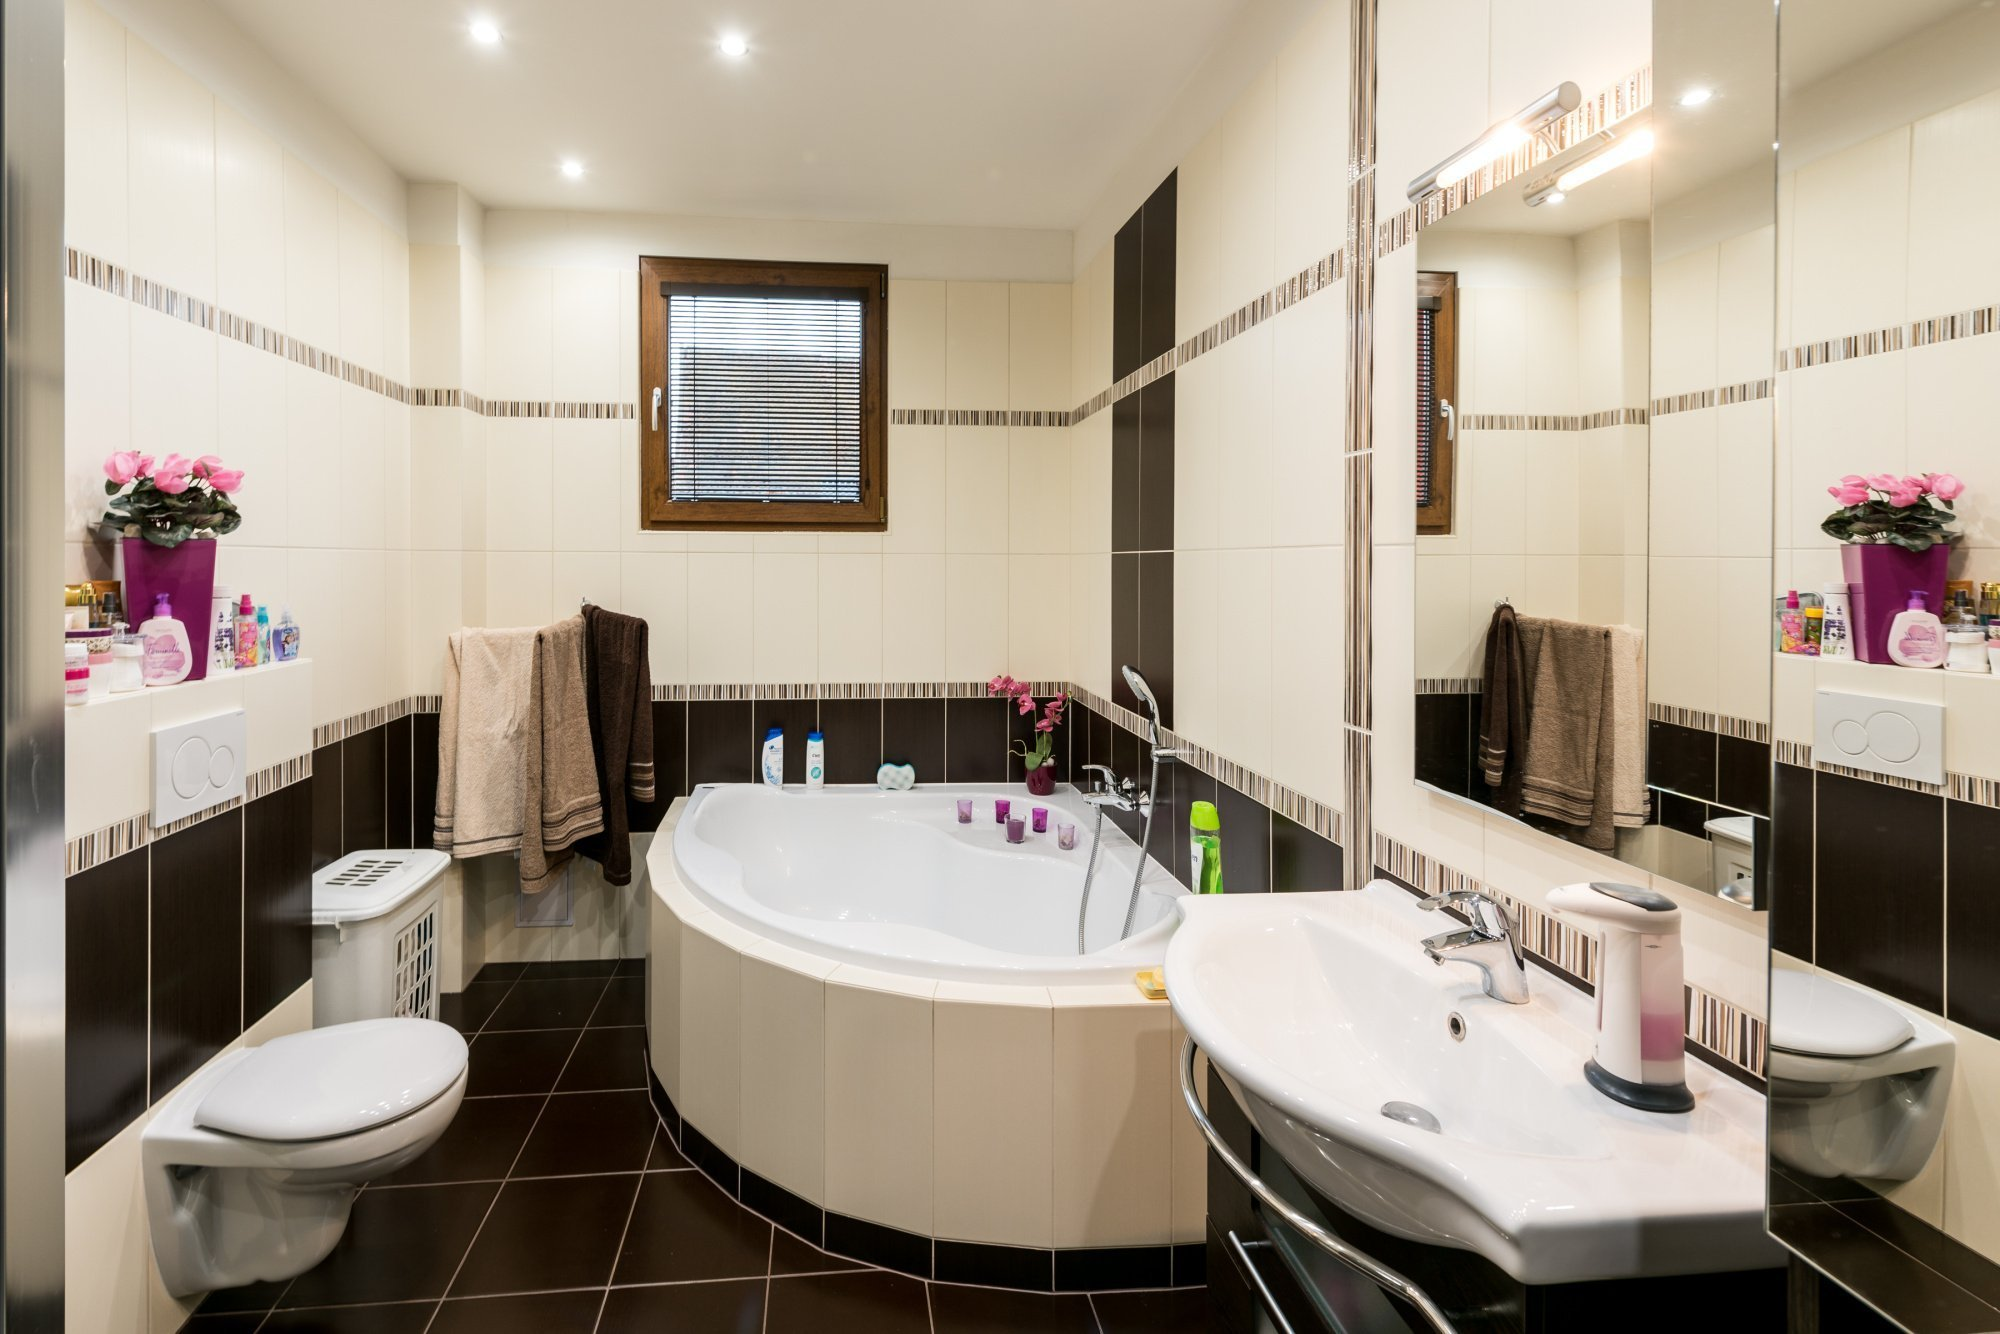 """Rodinný dům """"U Mošnů""""  dispozice: 3+kk Zastavěná plocha (m2): 80  bungalov: 1x koupelna 1x toaleta zastřešené stání pro auta"""